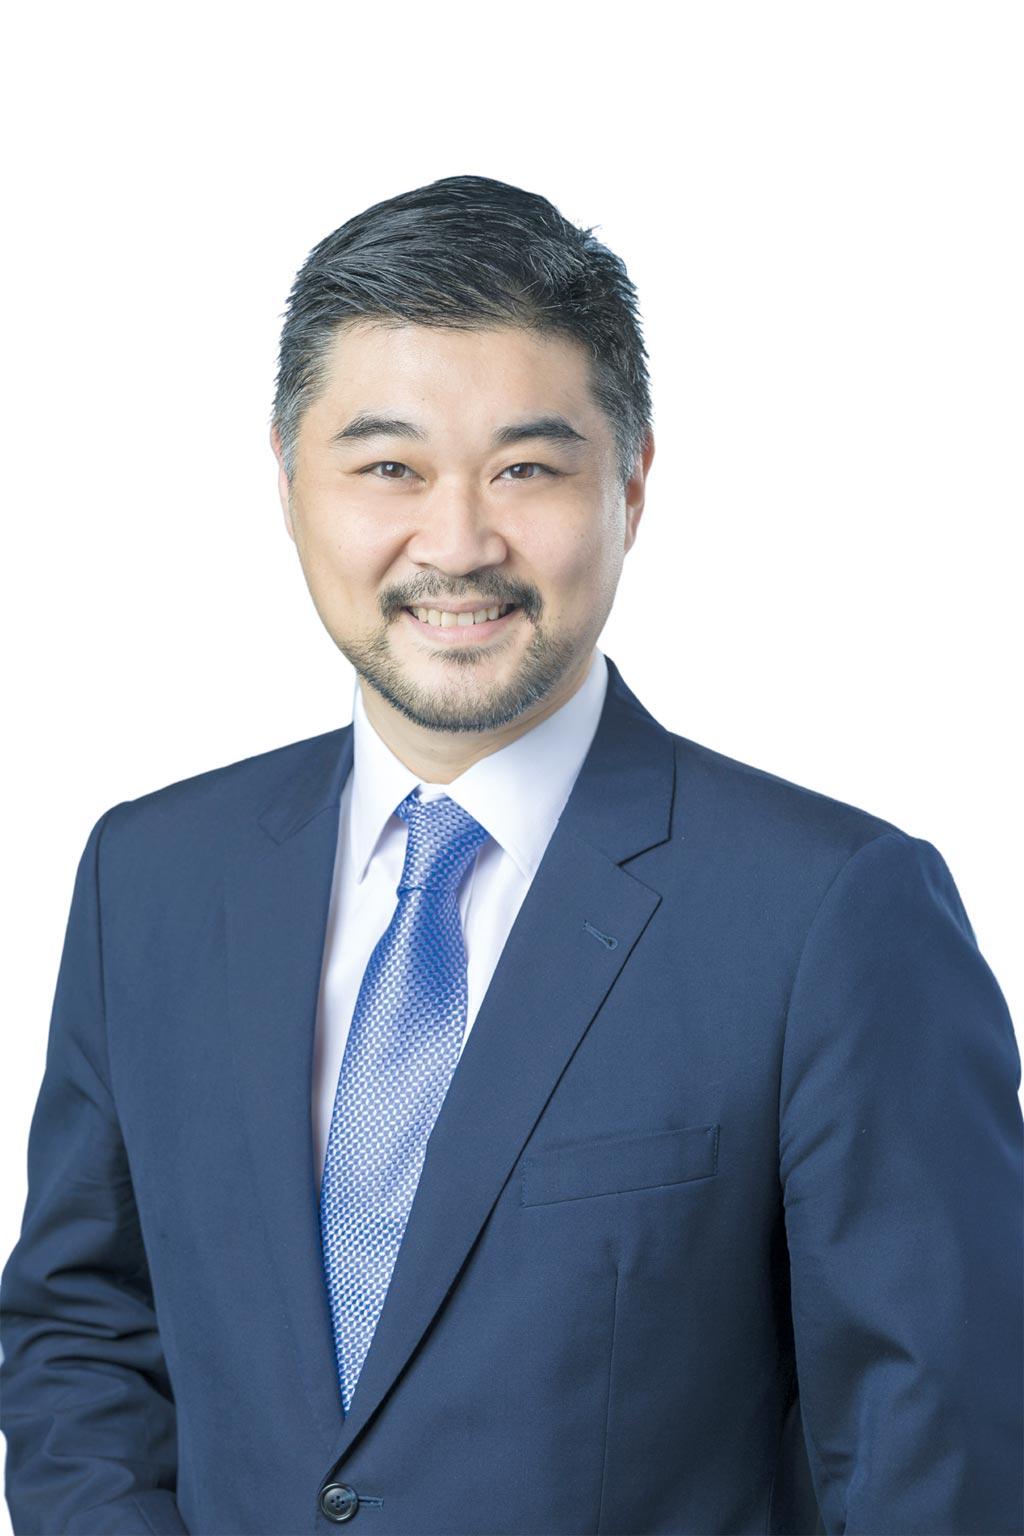 摩根資產管理亞太區首席市場策略師許長泰圖/業者提供